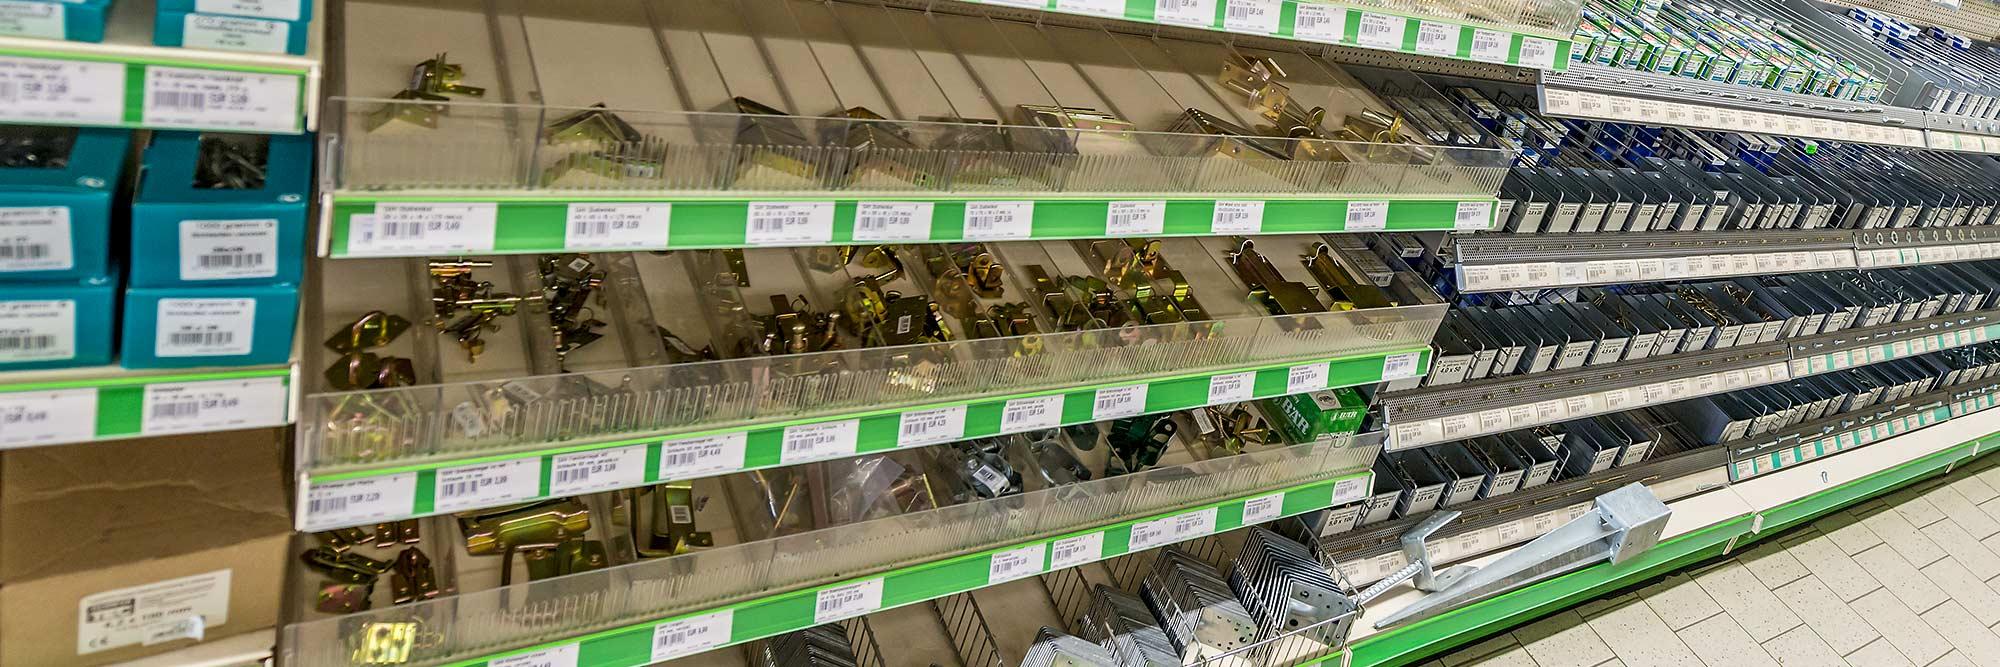 Raiffeisen Markt Ottmarsbocholt Metallwaren